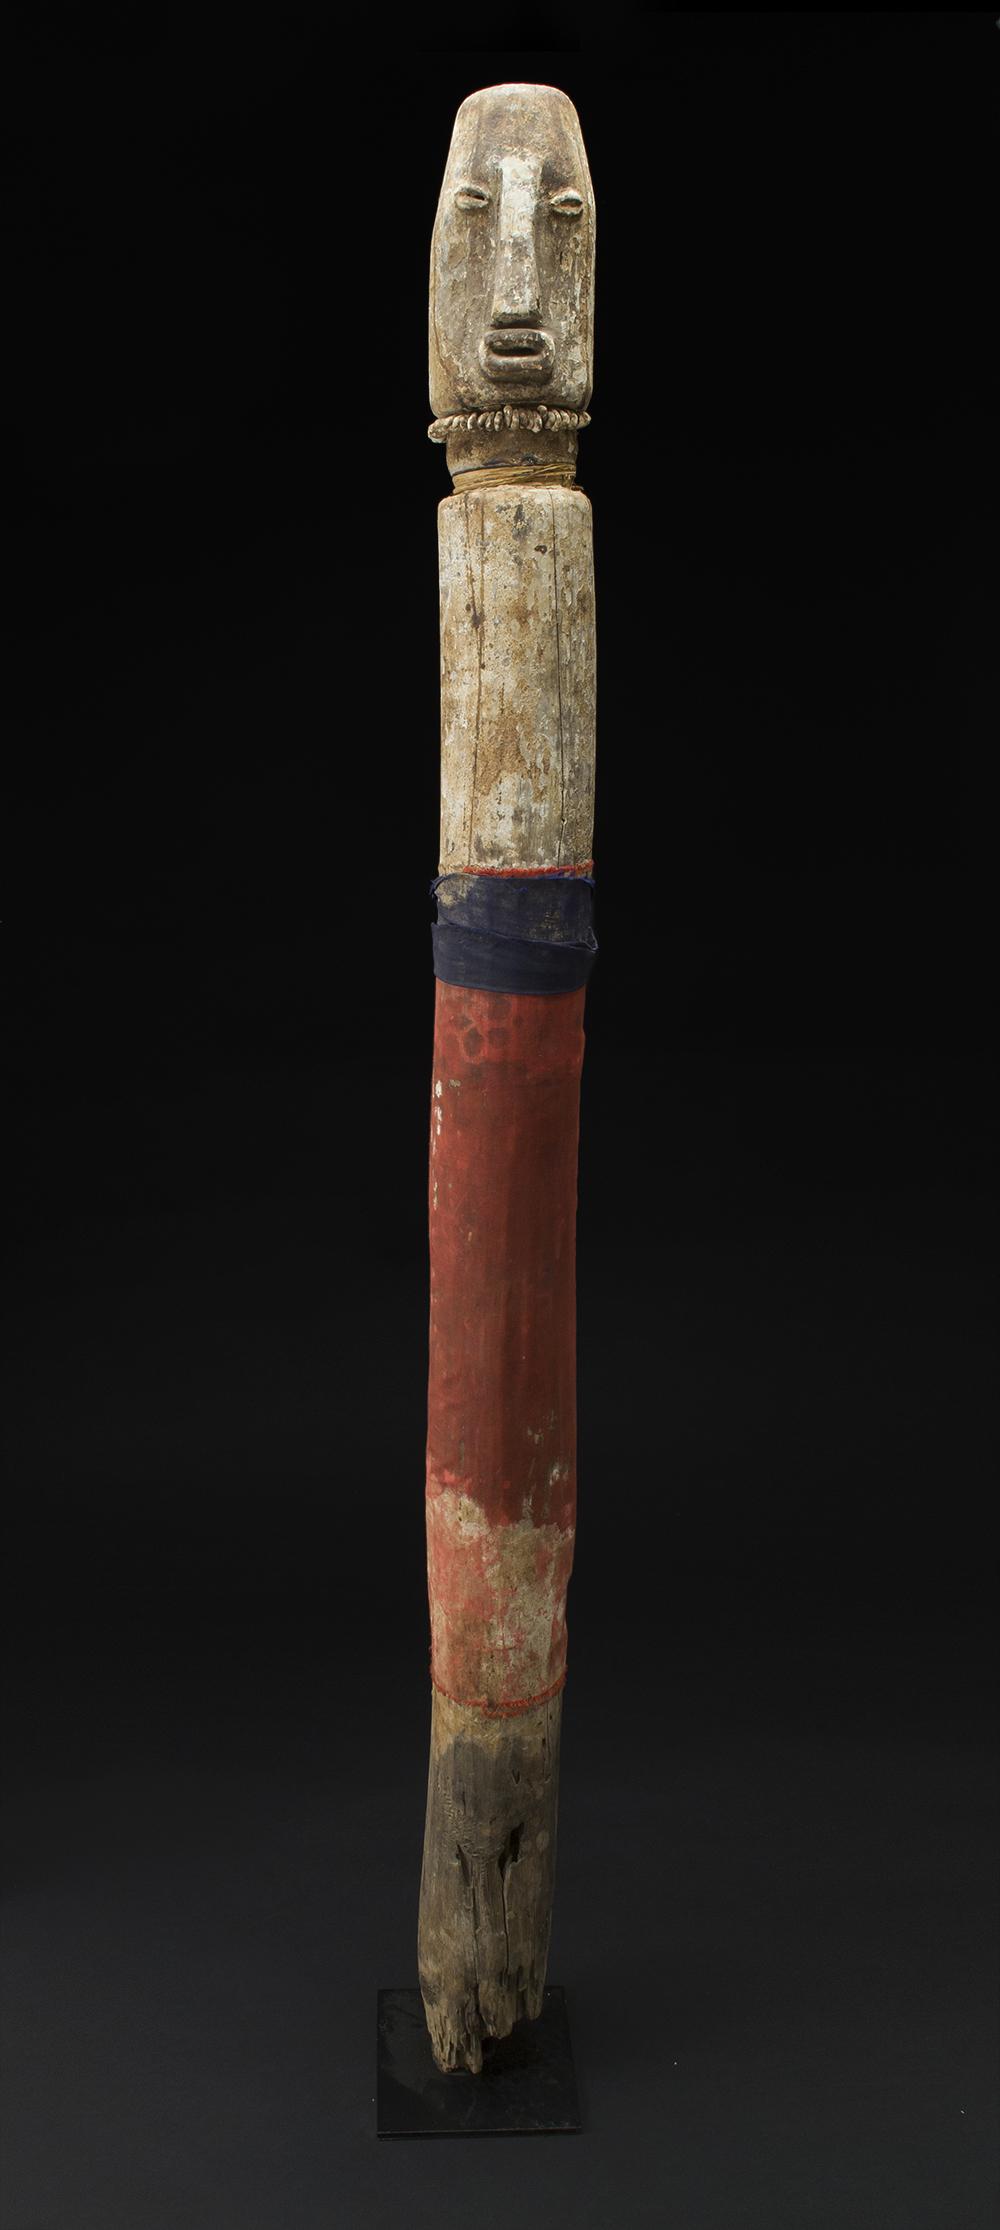 Africa    Bocio - Adan/Ewe People - Togo  , 1970 Wood 58 x 4.5 x 4.5 inches 147.3 x 11.4 x 11.4 cm Af 284